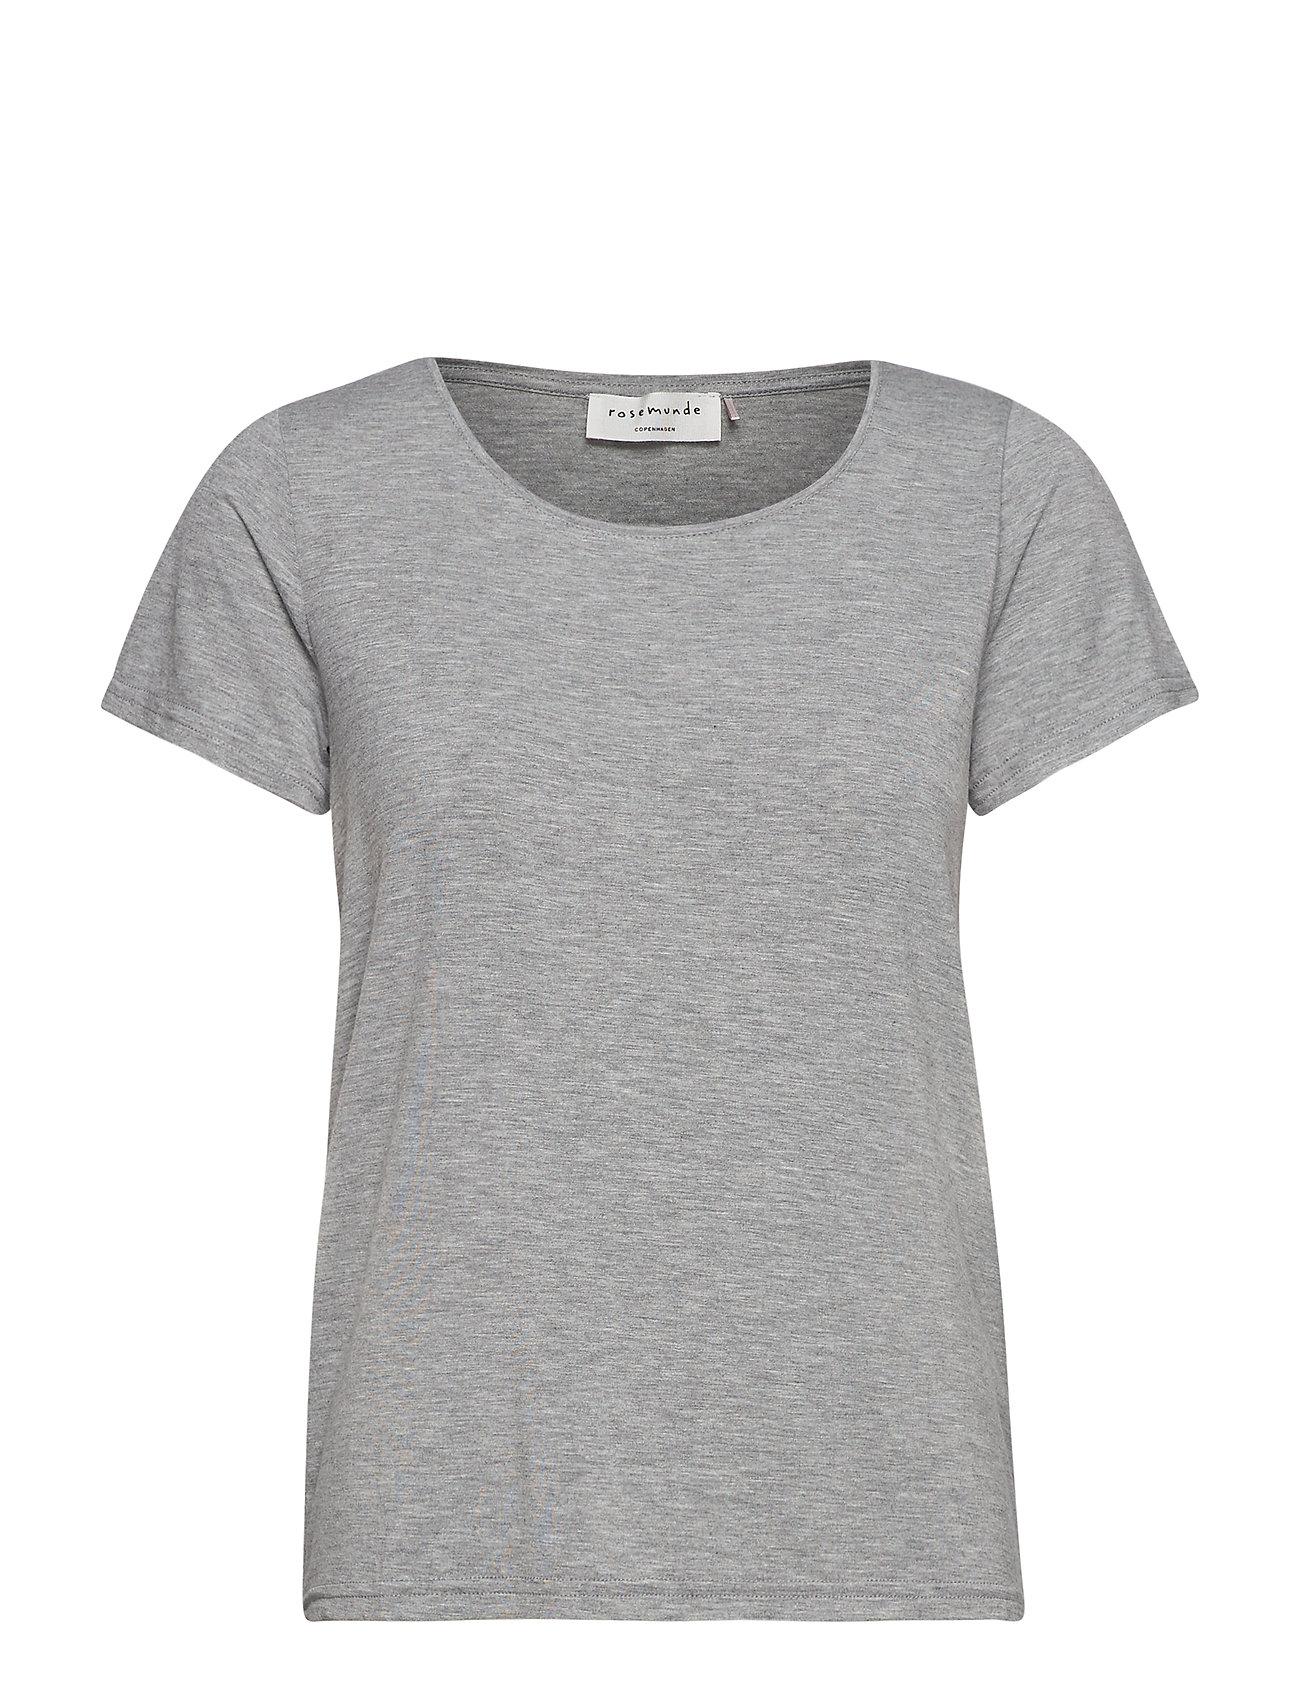 Rosemunde T-shirt ss - LIGHT GREY MELANGE